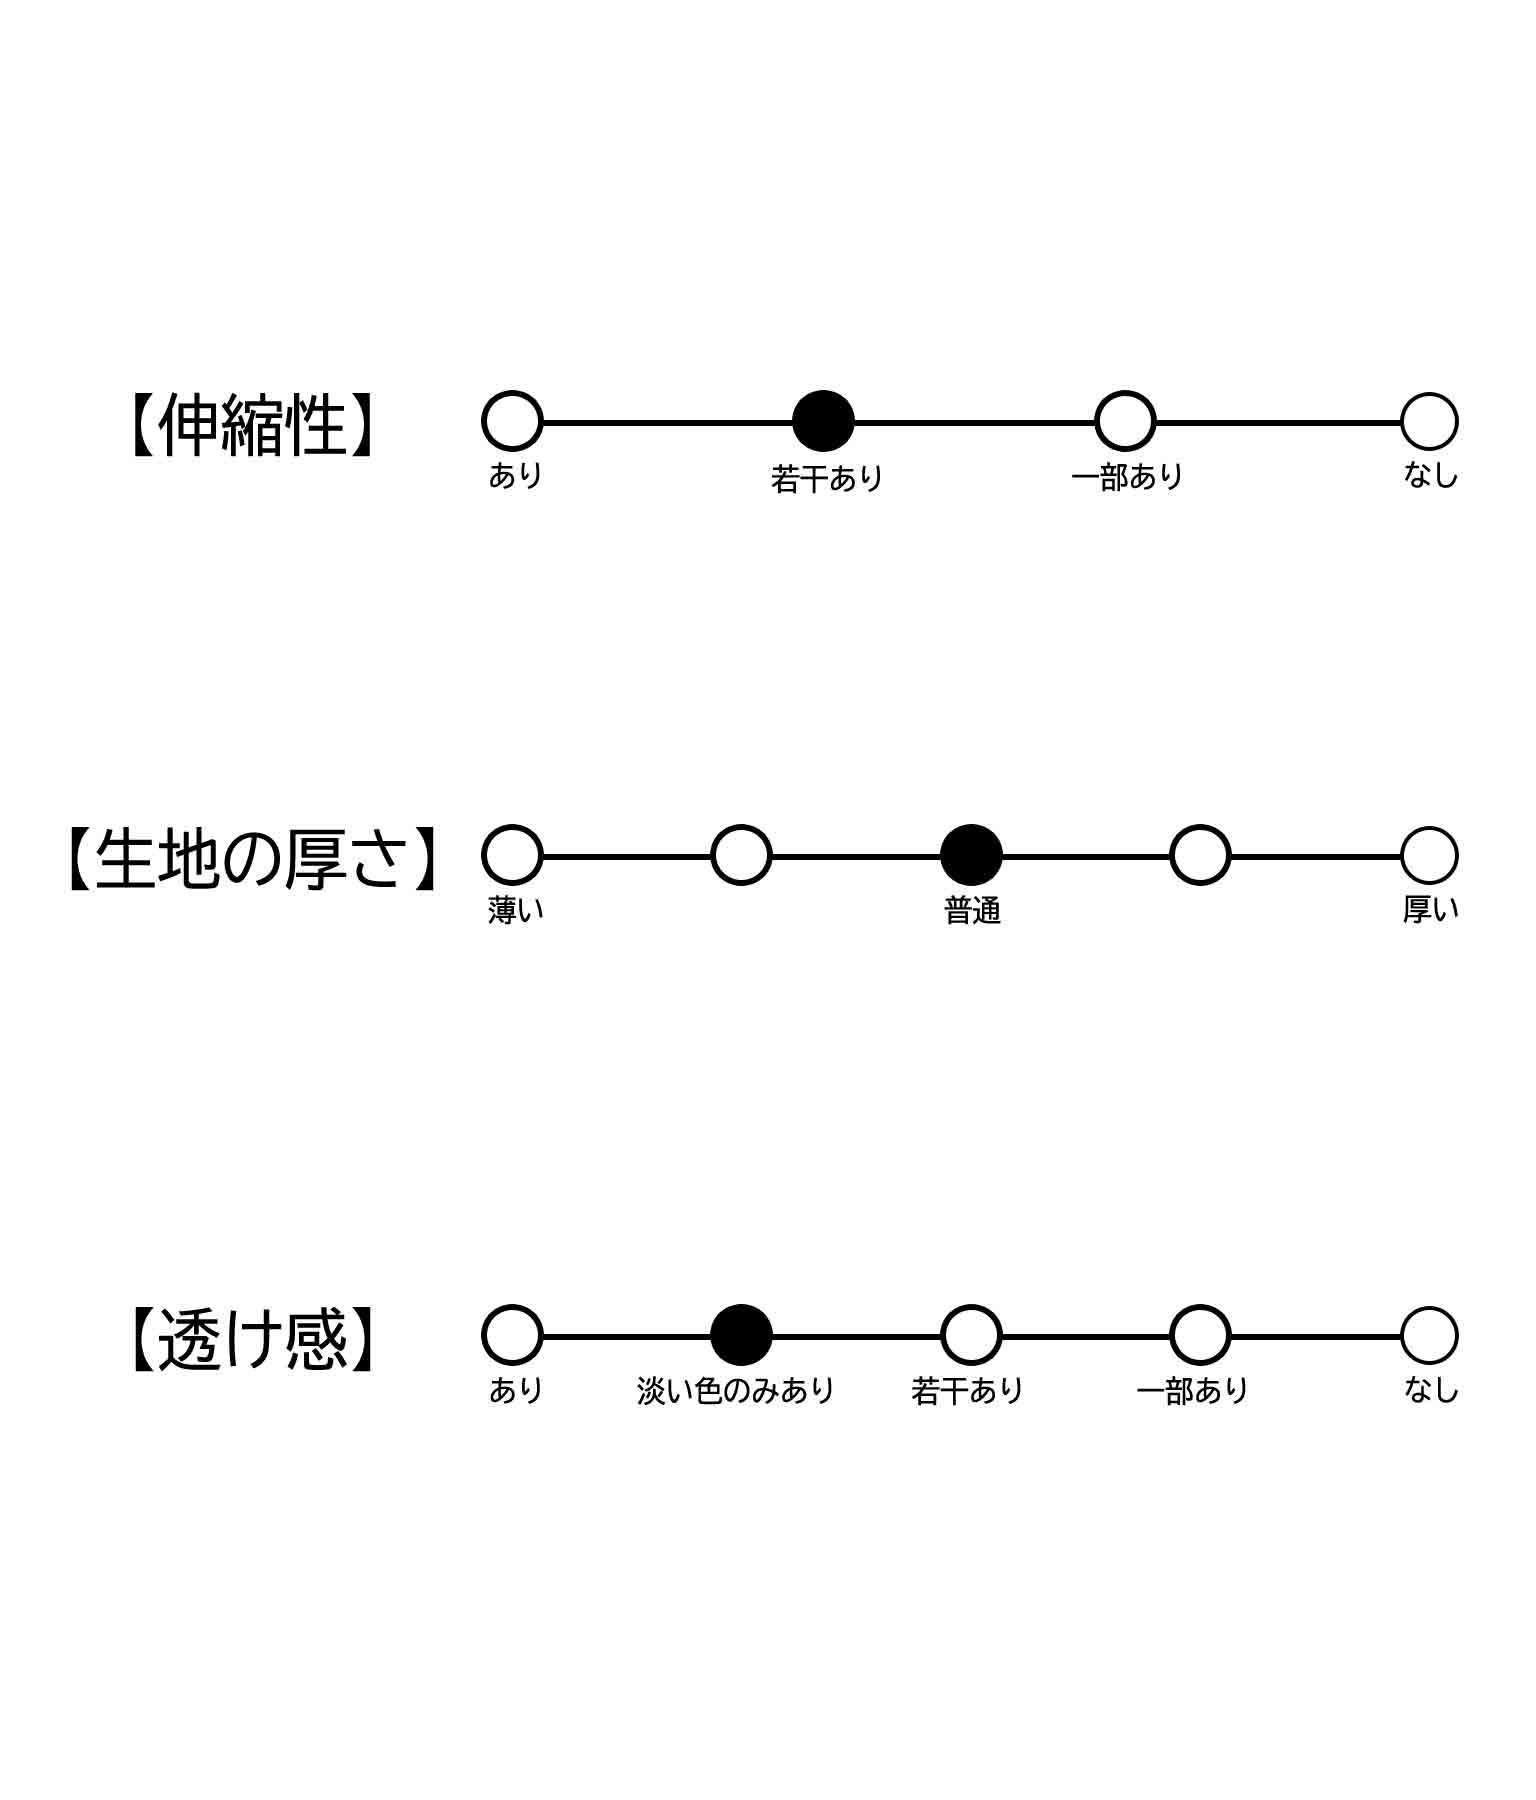 袖リングアキトップス(トップス/カットソー ) | ANAP GiRL